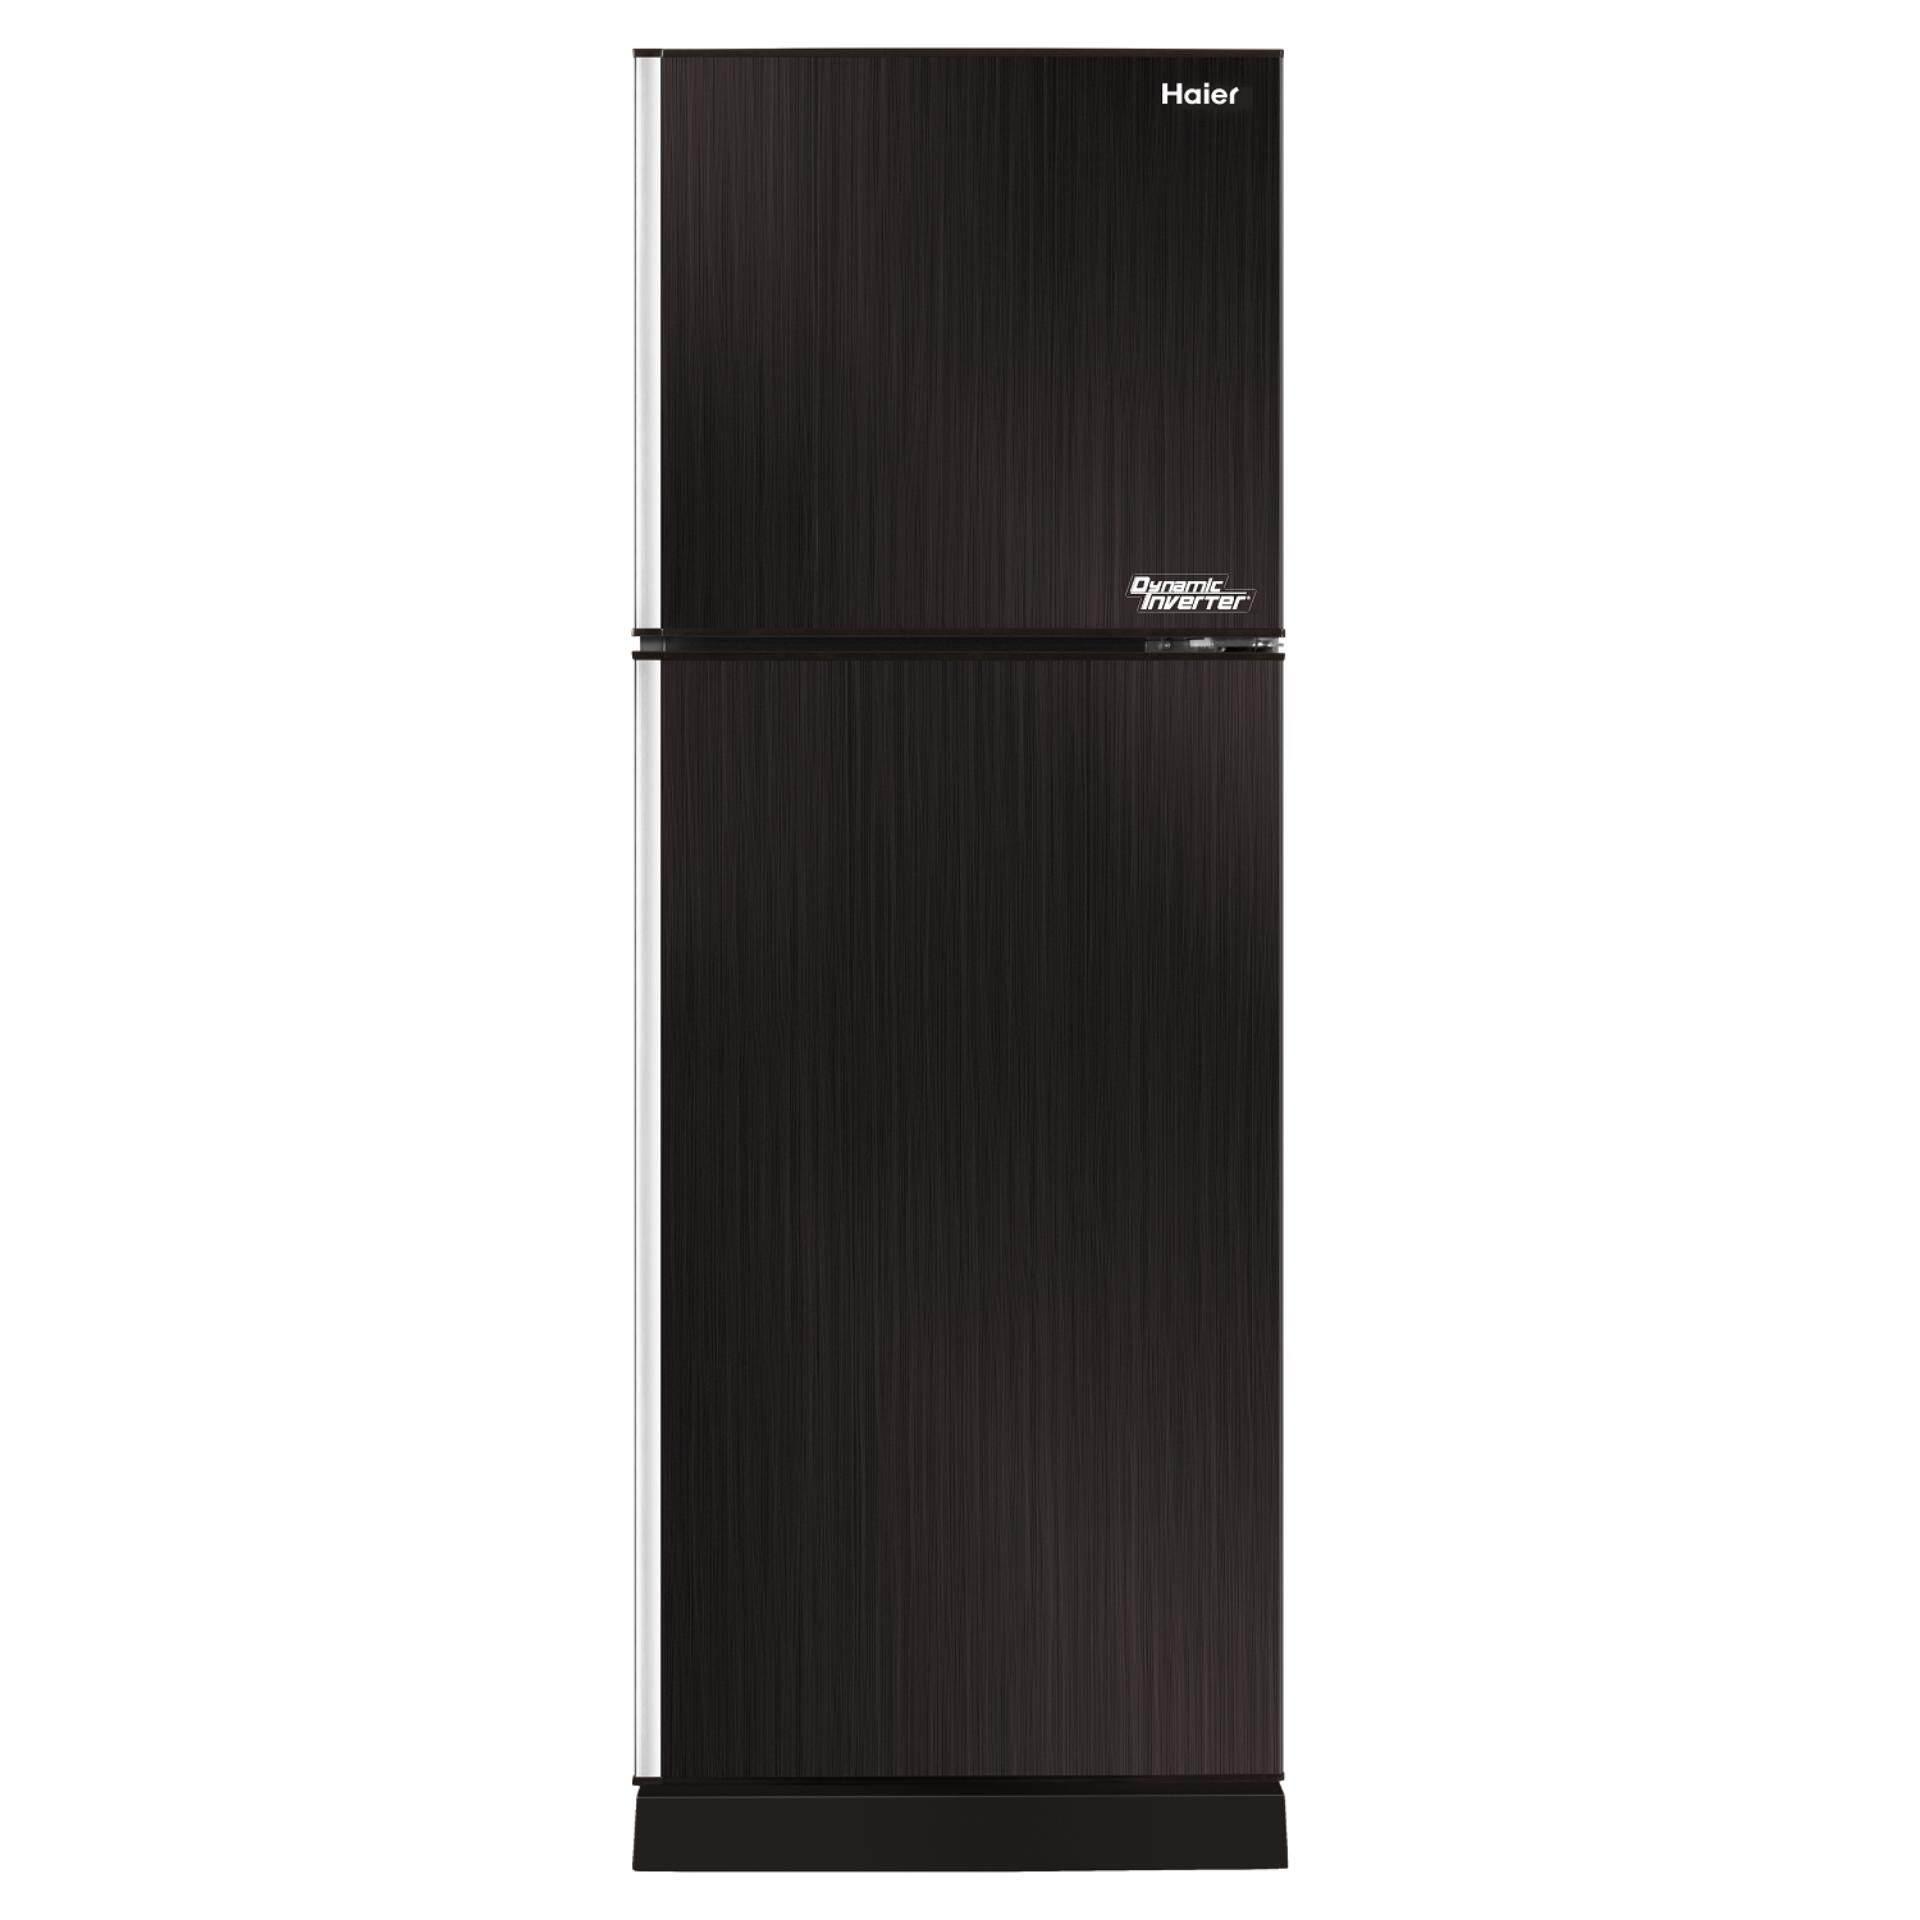 ซื้อ Haier ตู้เย็น 2 ประตู Dynamic Inverter รุ่น Hrf Tmv227 Mb ขนาด 7 2 คิว 225 ลิตร